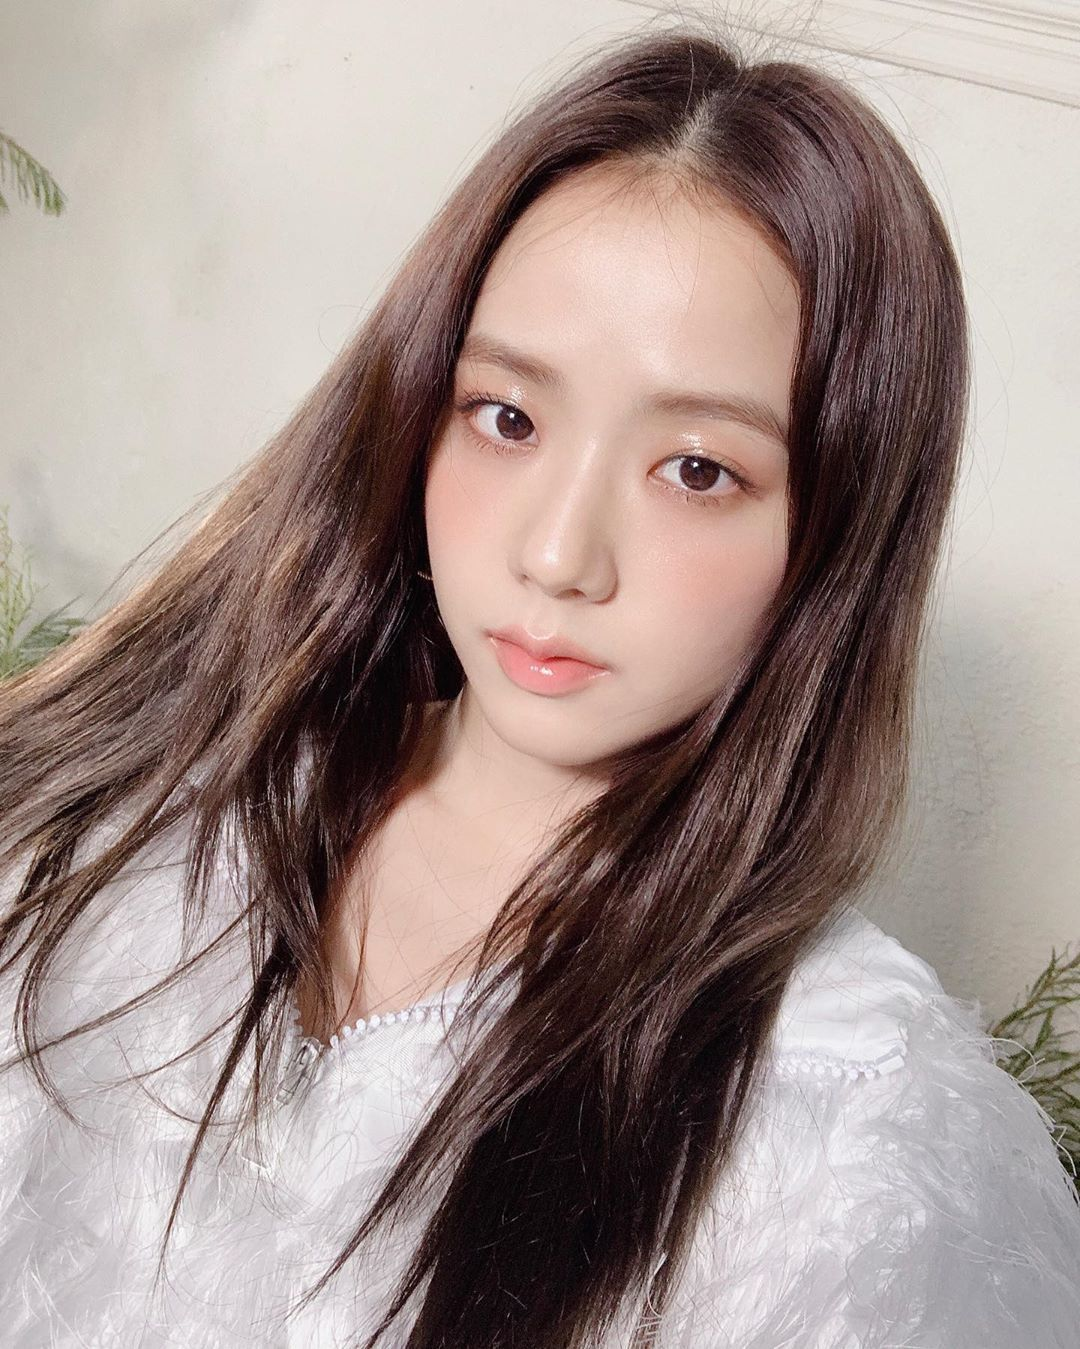 """Loạt makeup look """"đỉnh của chóp"""" từ idol Kpop, nhìn xịn sò là vậy nhưng học theo cũng đâu có khó mấy - Ảnh 3."""